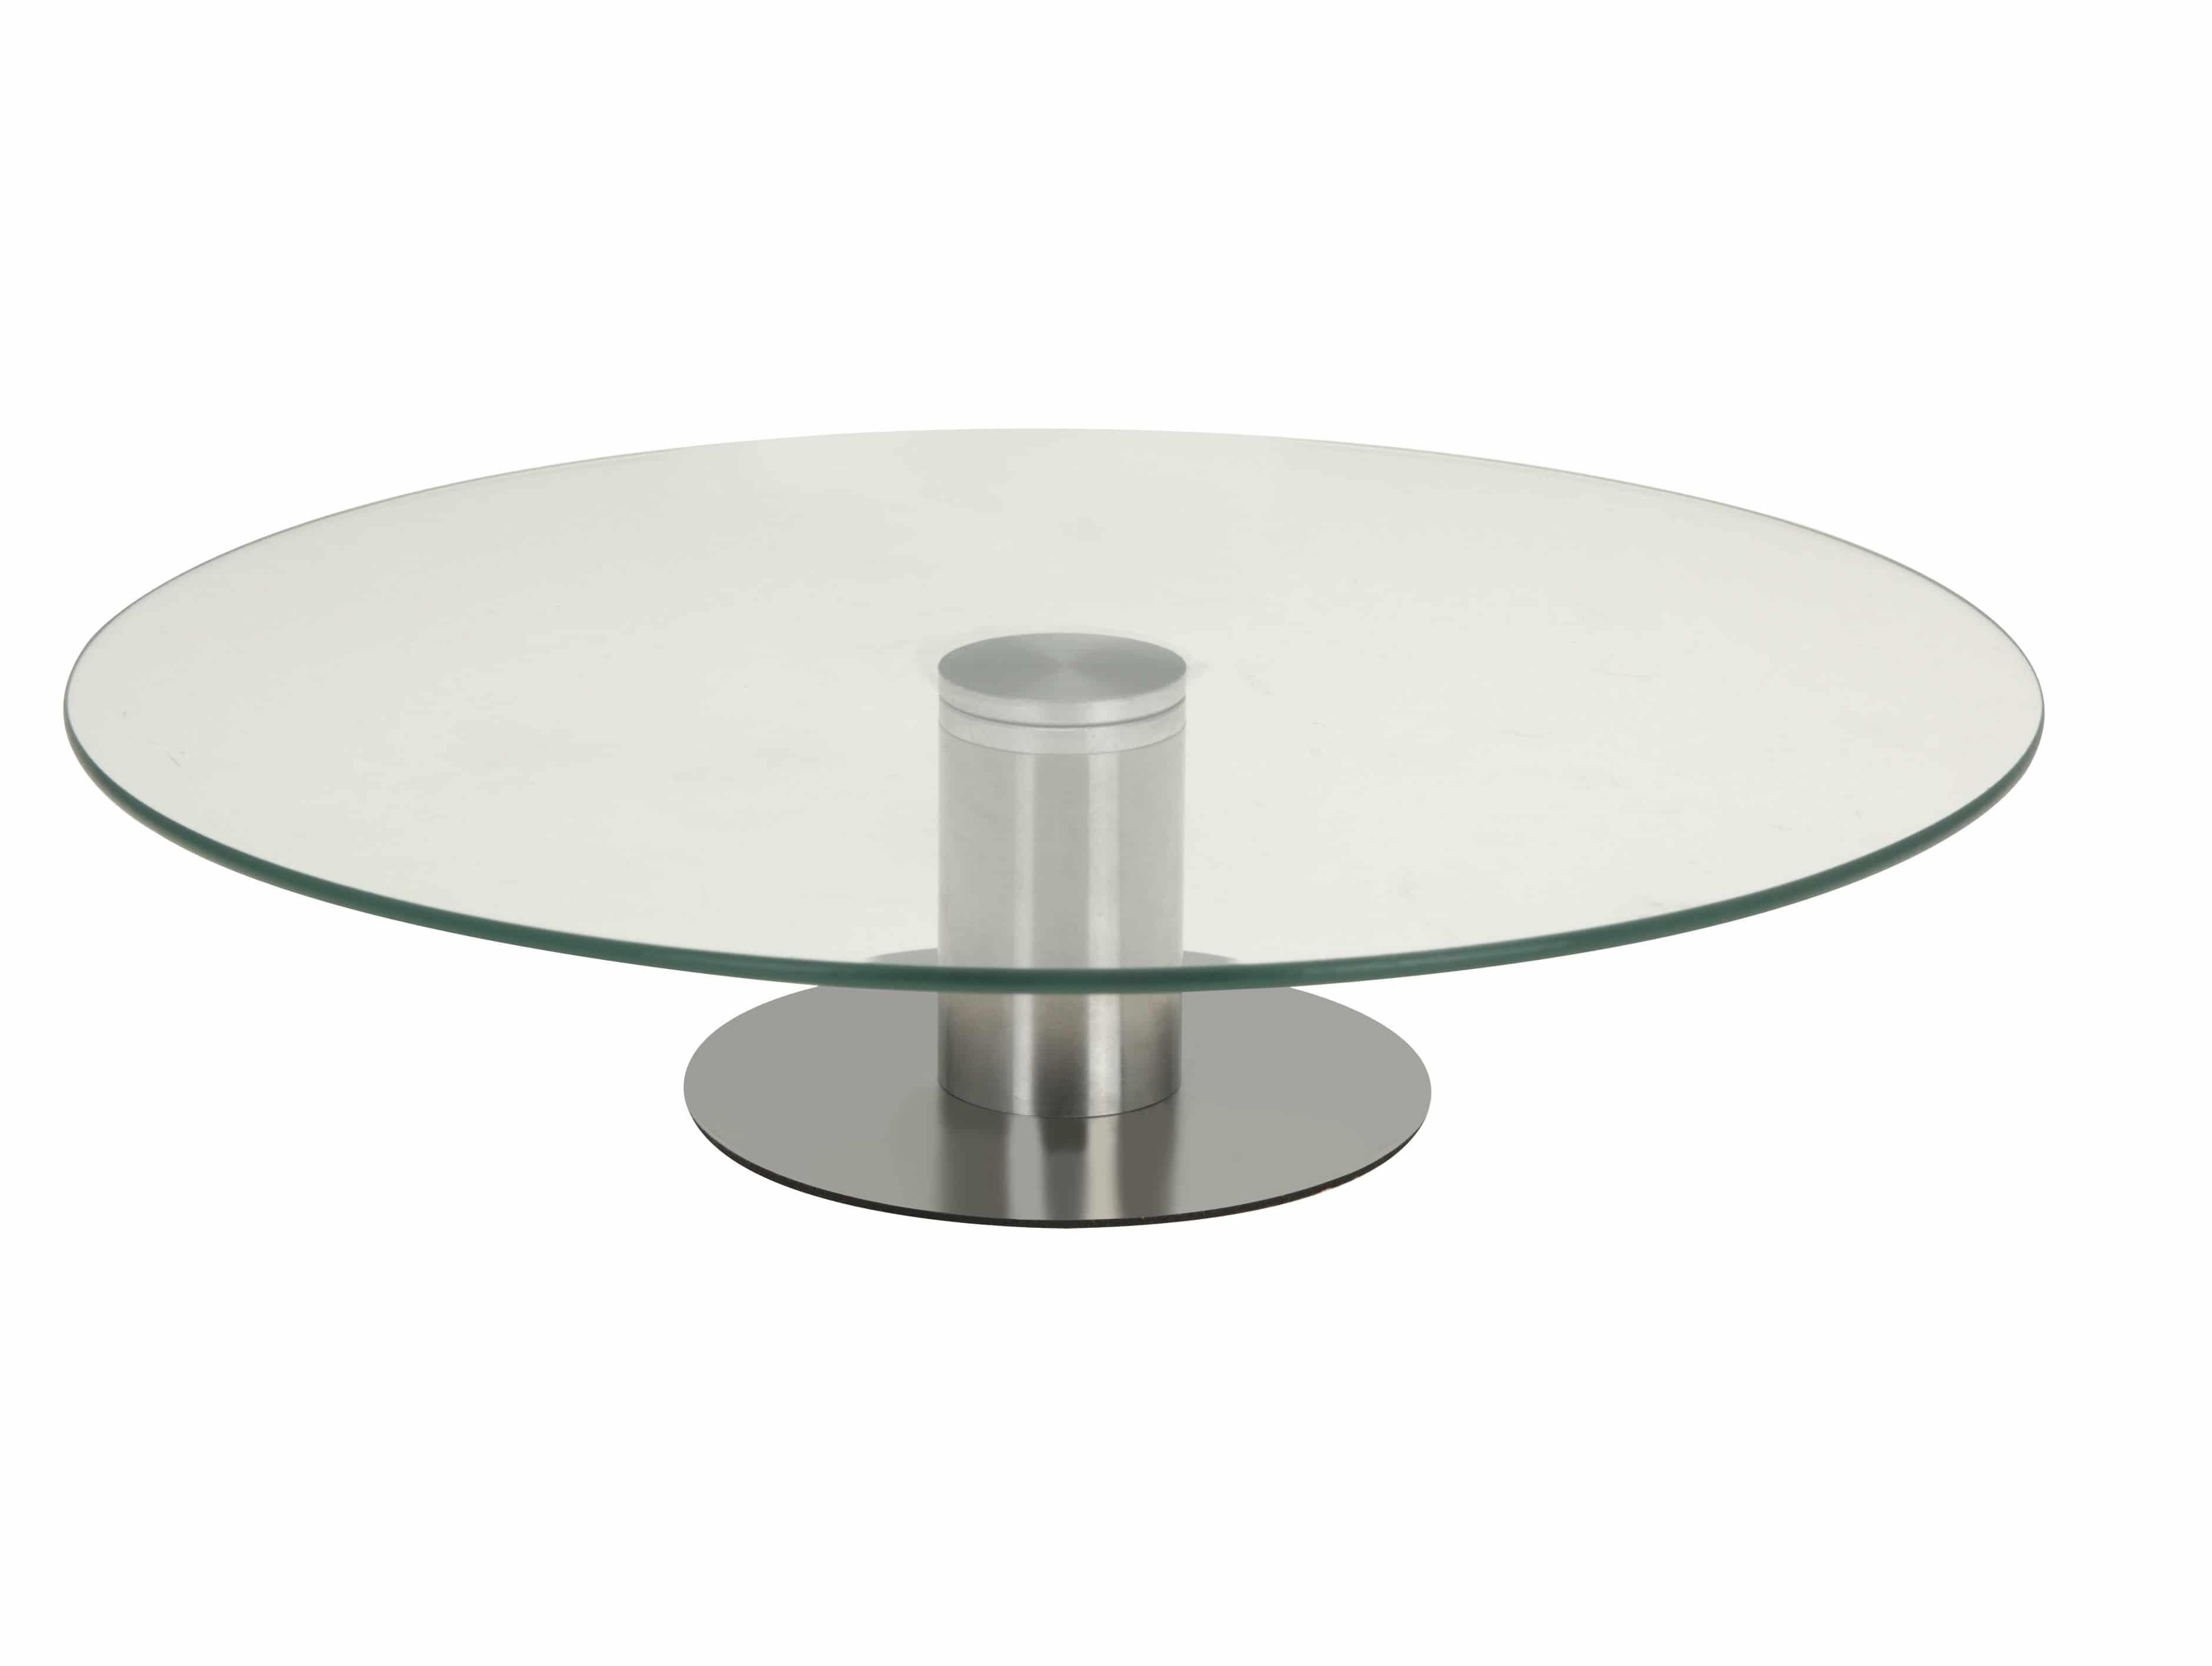 4Goodz Draaibaar Taartplateau van glas met RVS voet - 30 cm doorsnede